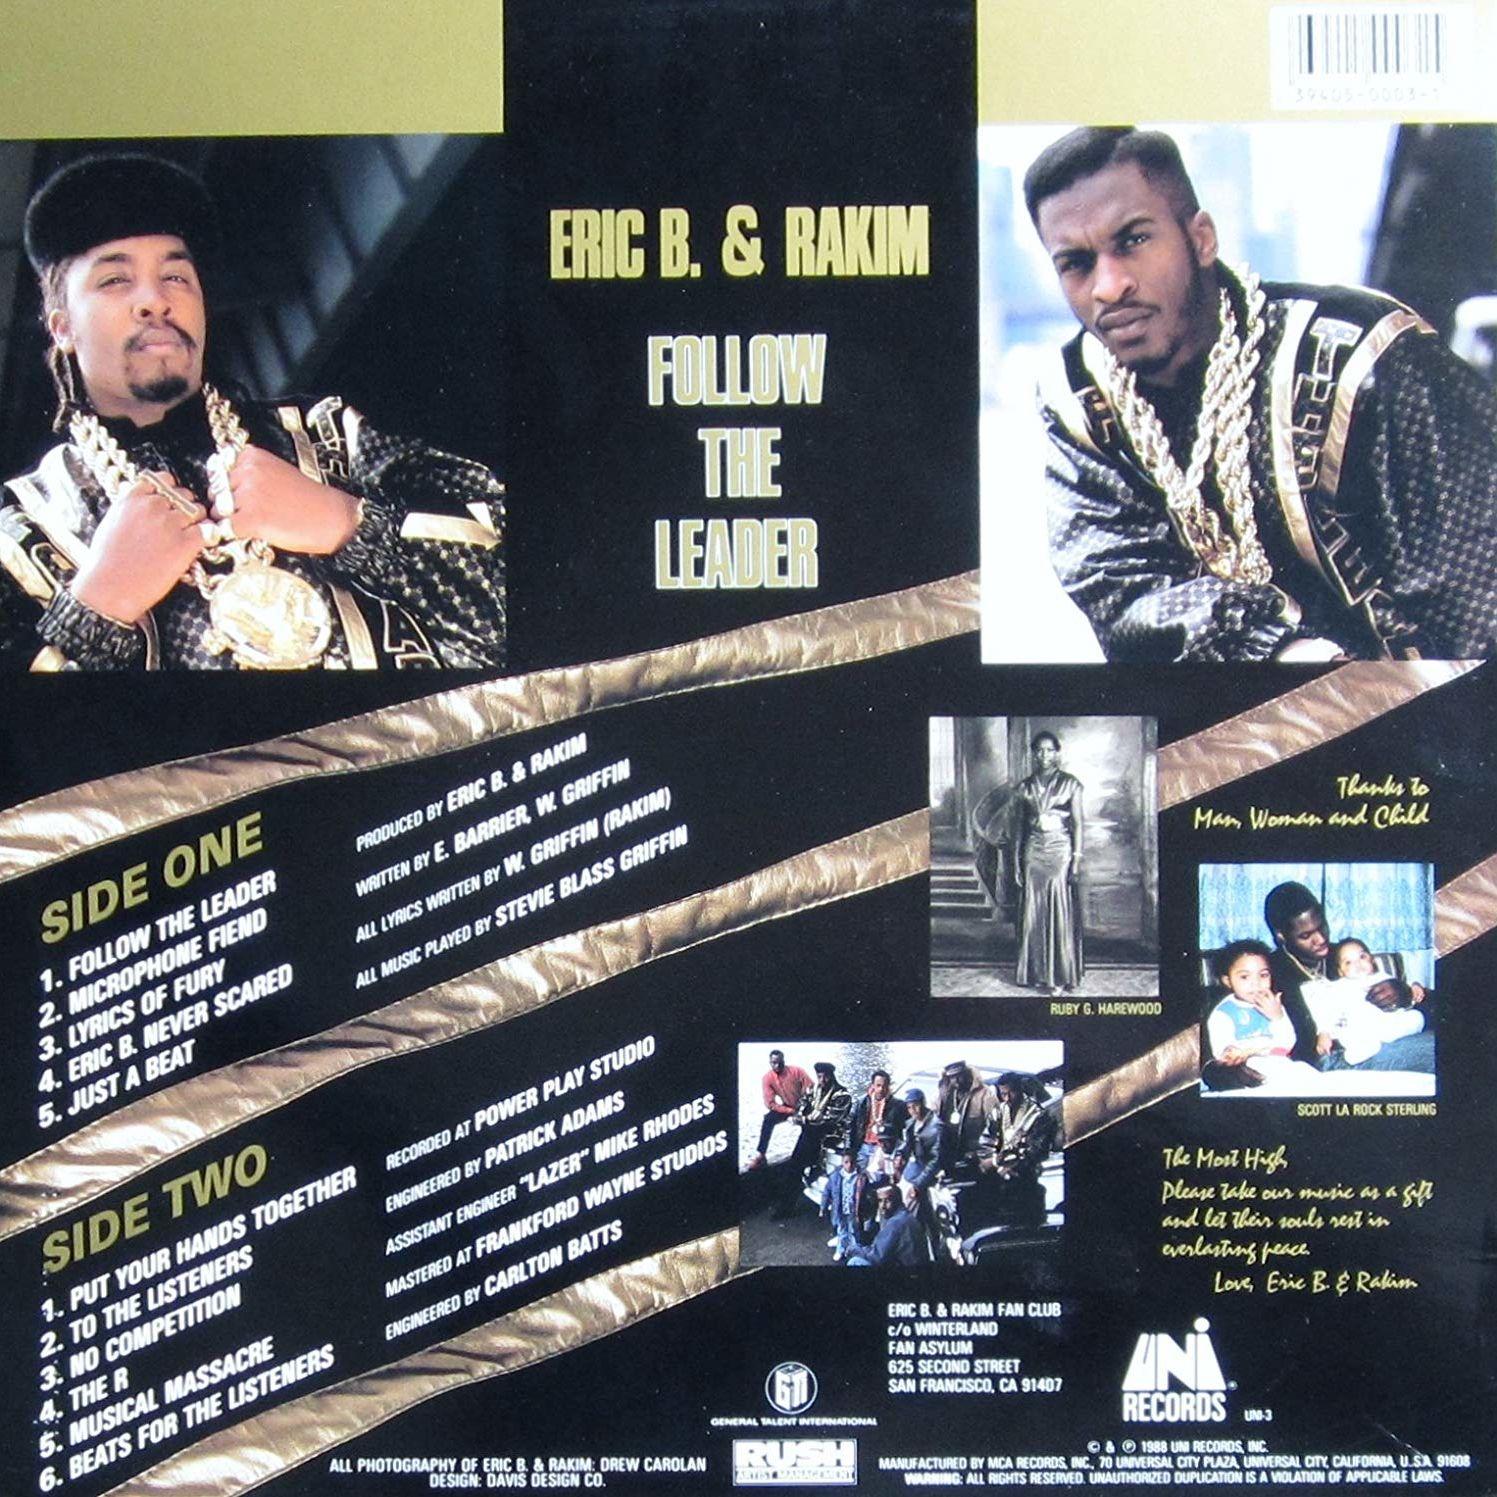 Eric B & Rakim - Follow The Leader [Vinyl]